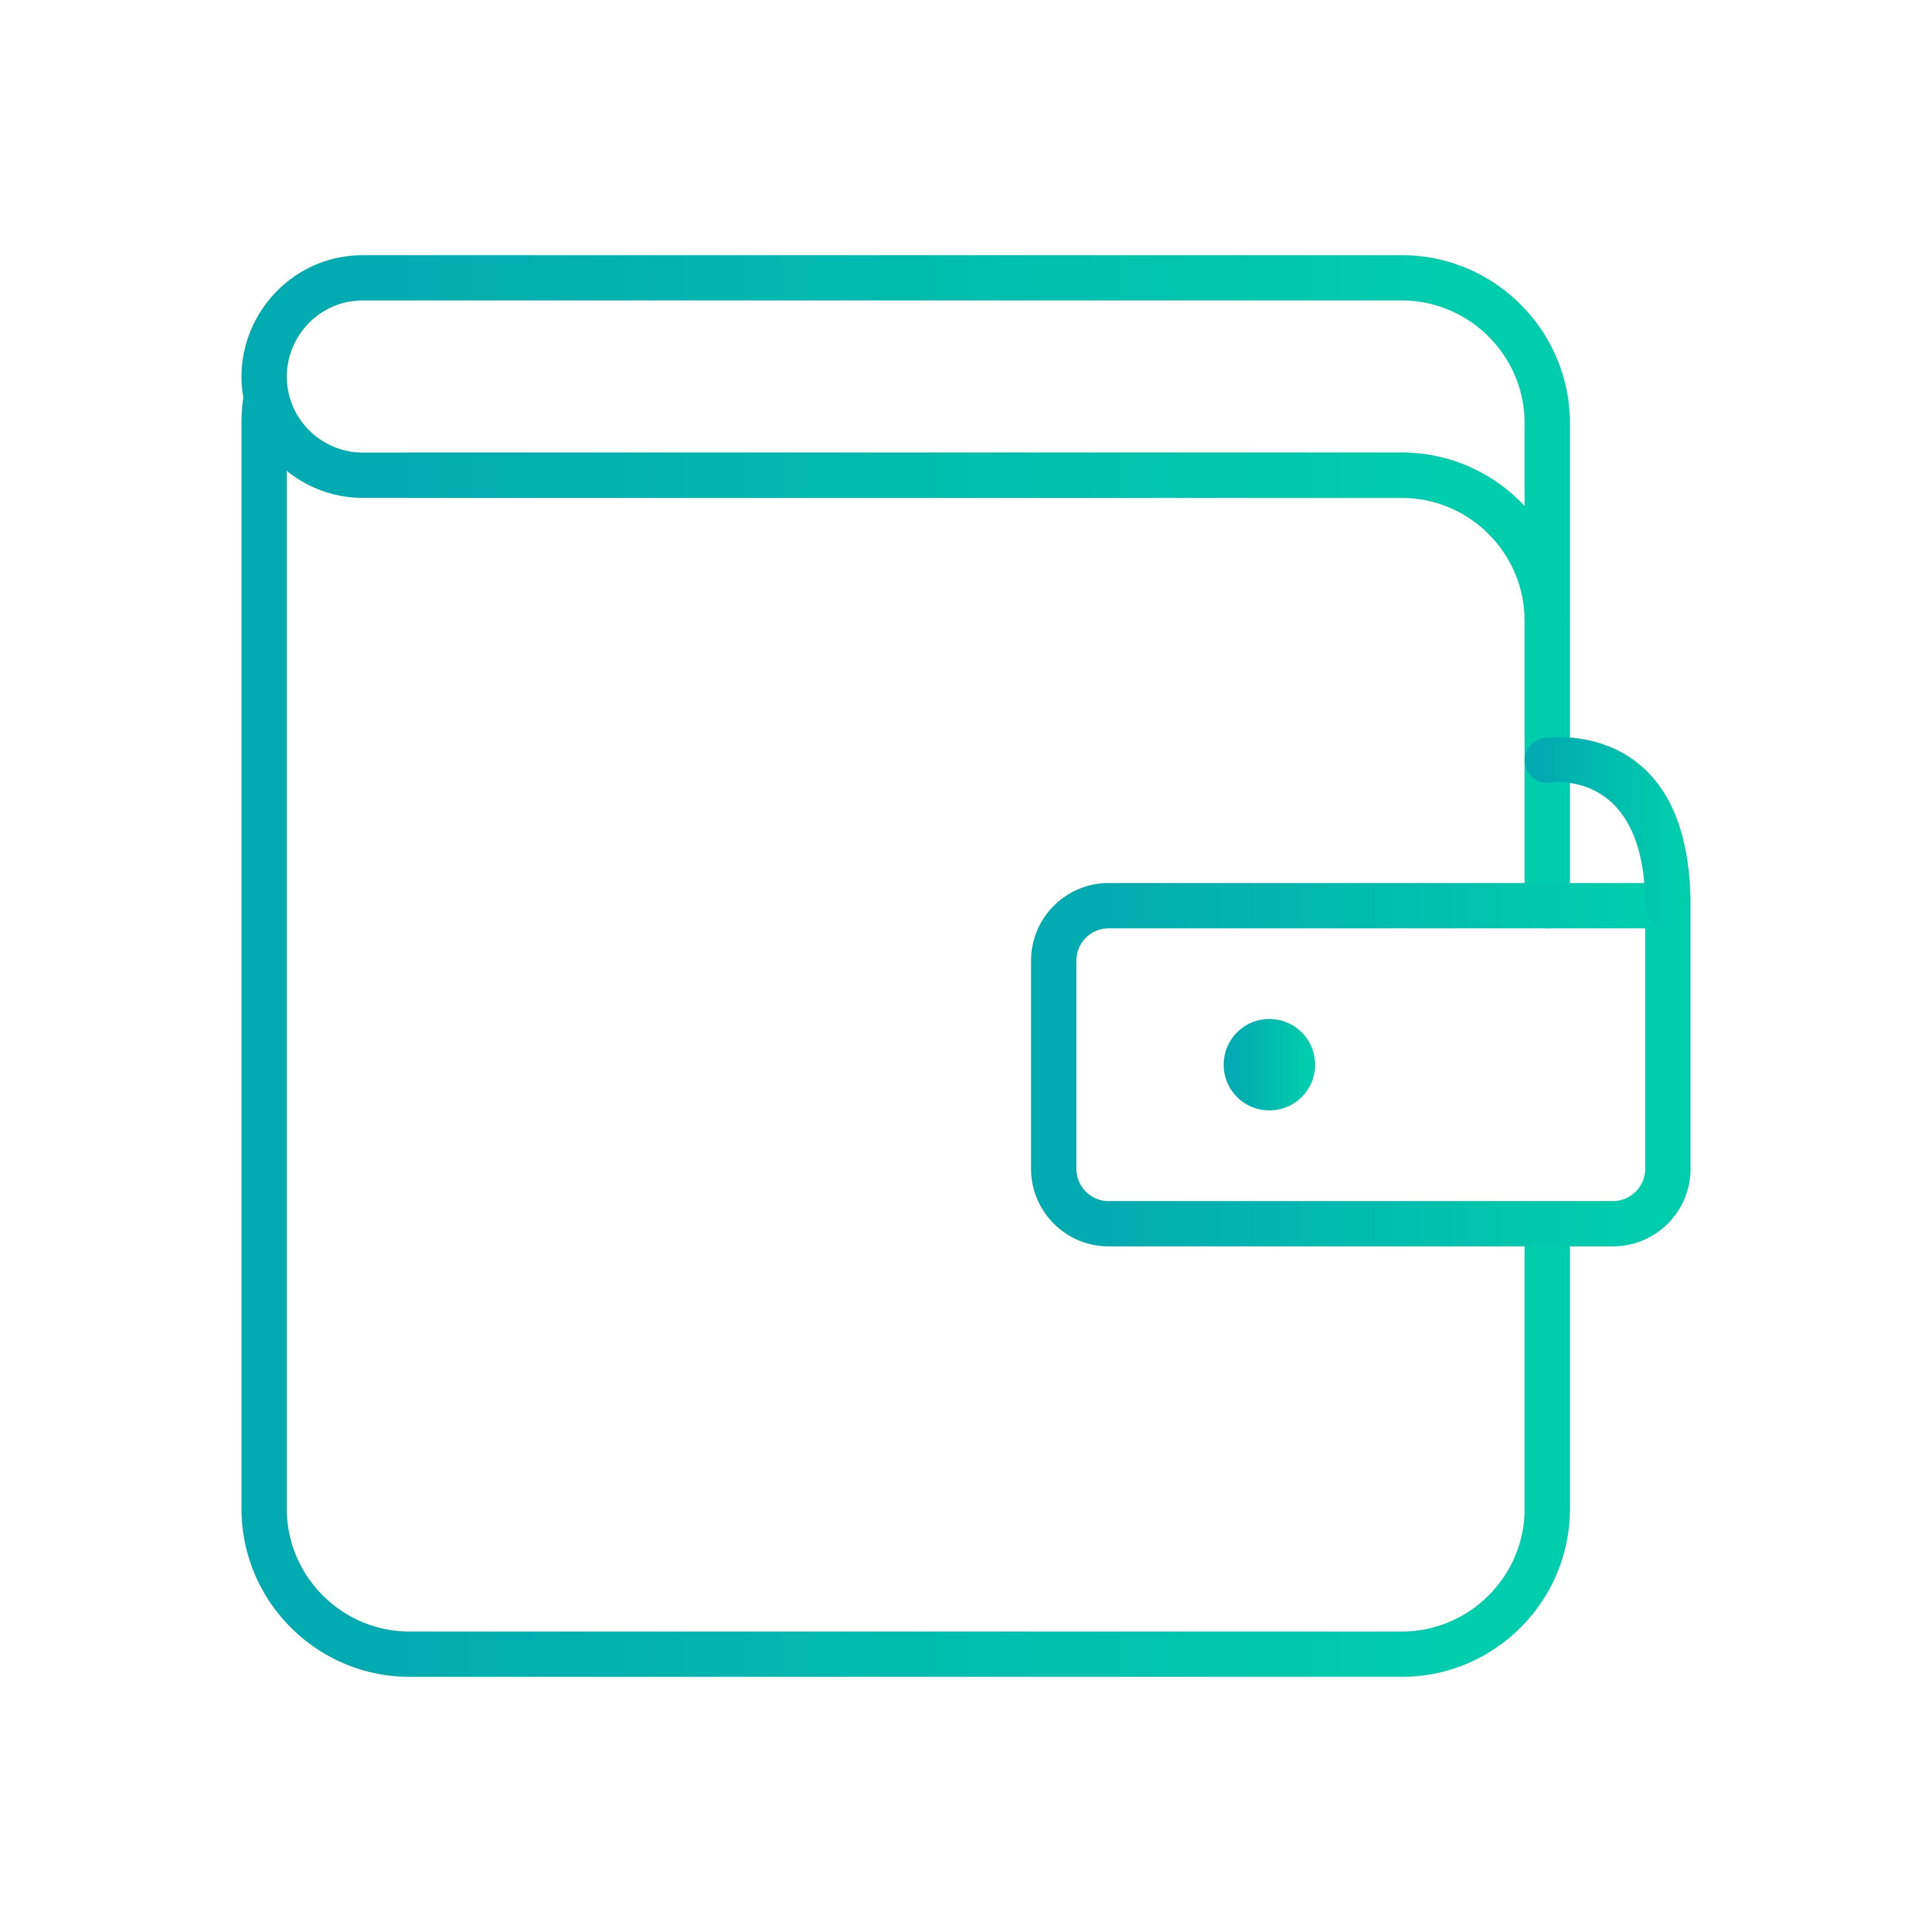 Wallet Vector Icon - Download Free Vectors, Clipart ...